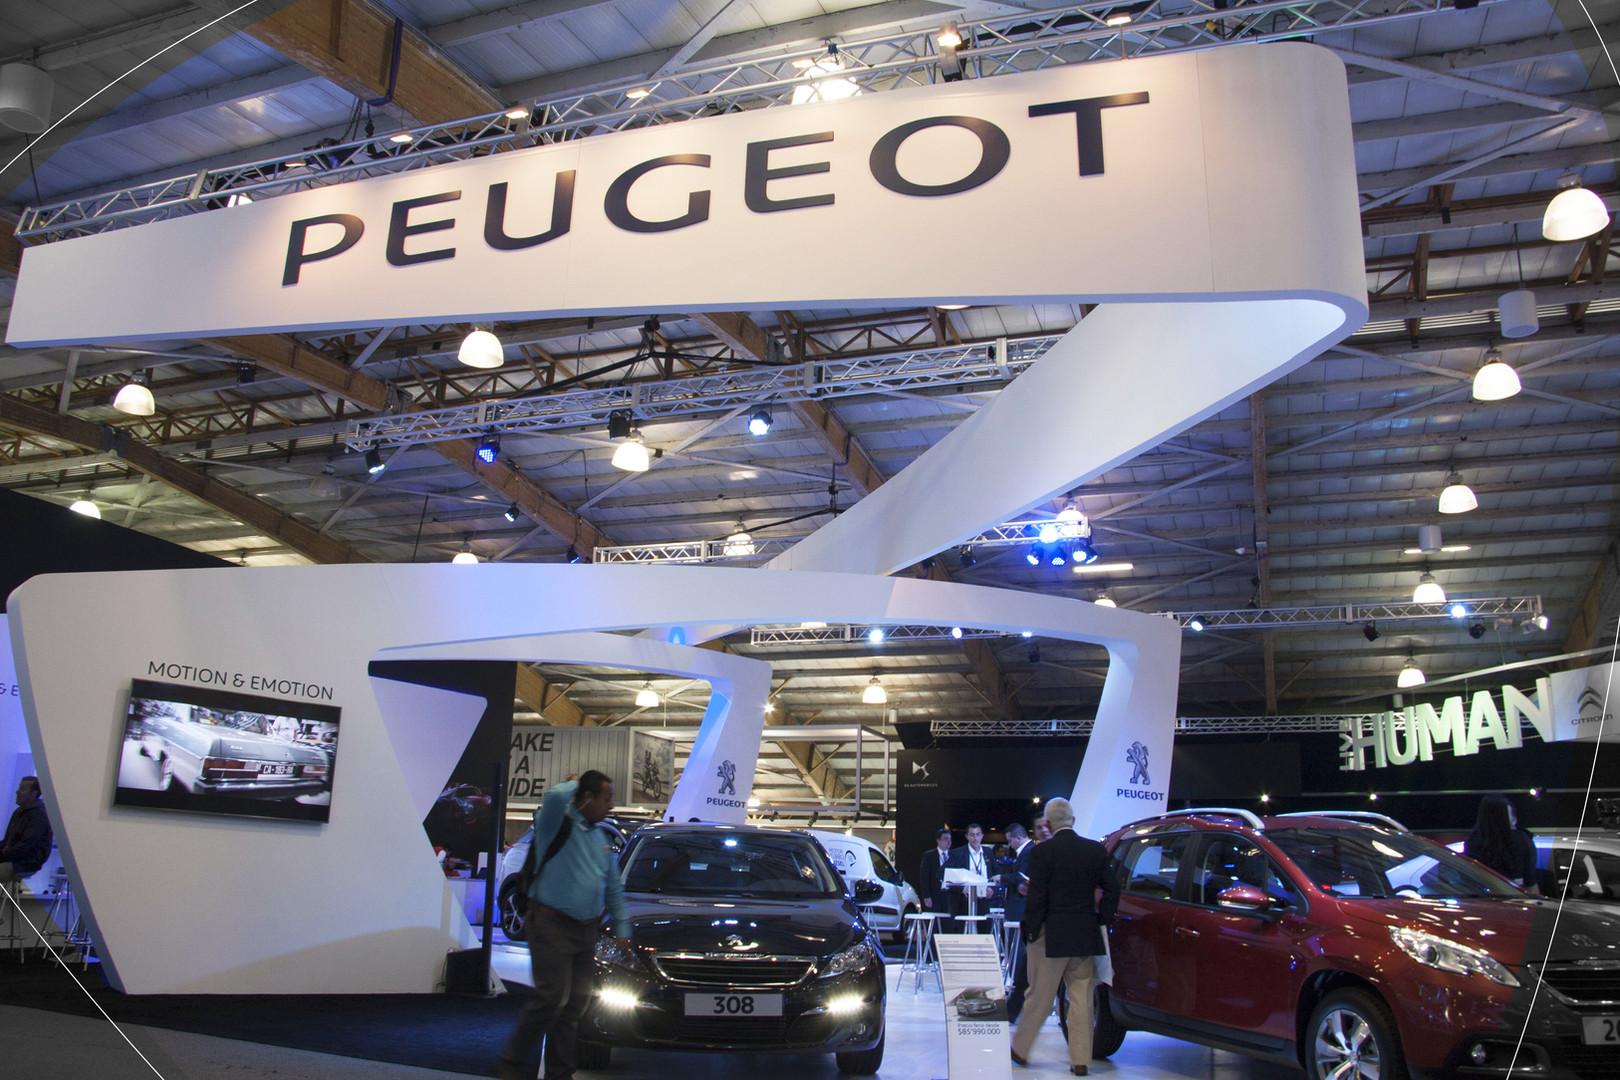 Peugeot IMG_8017_1.JPG